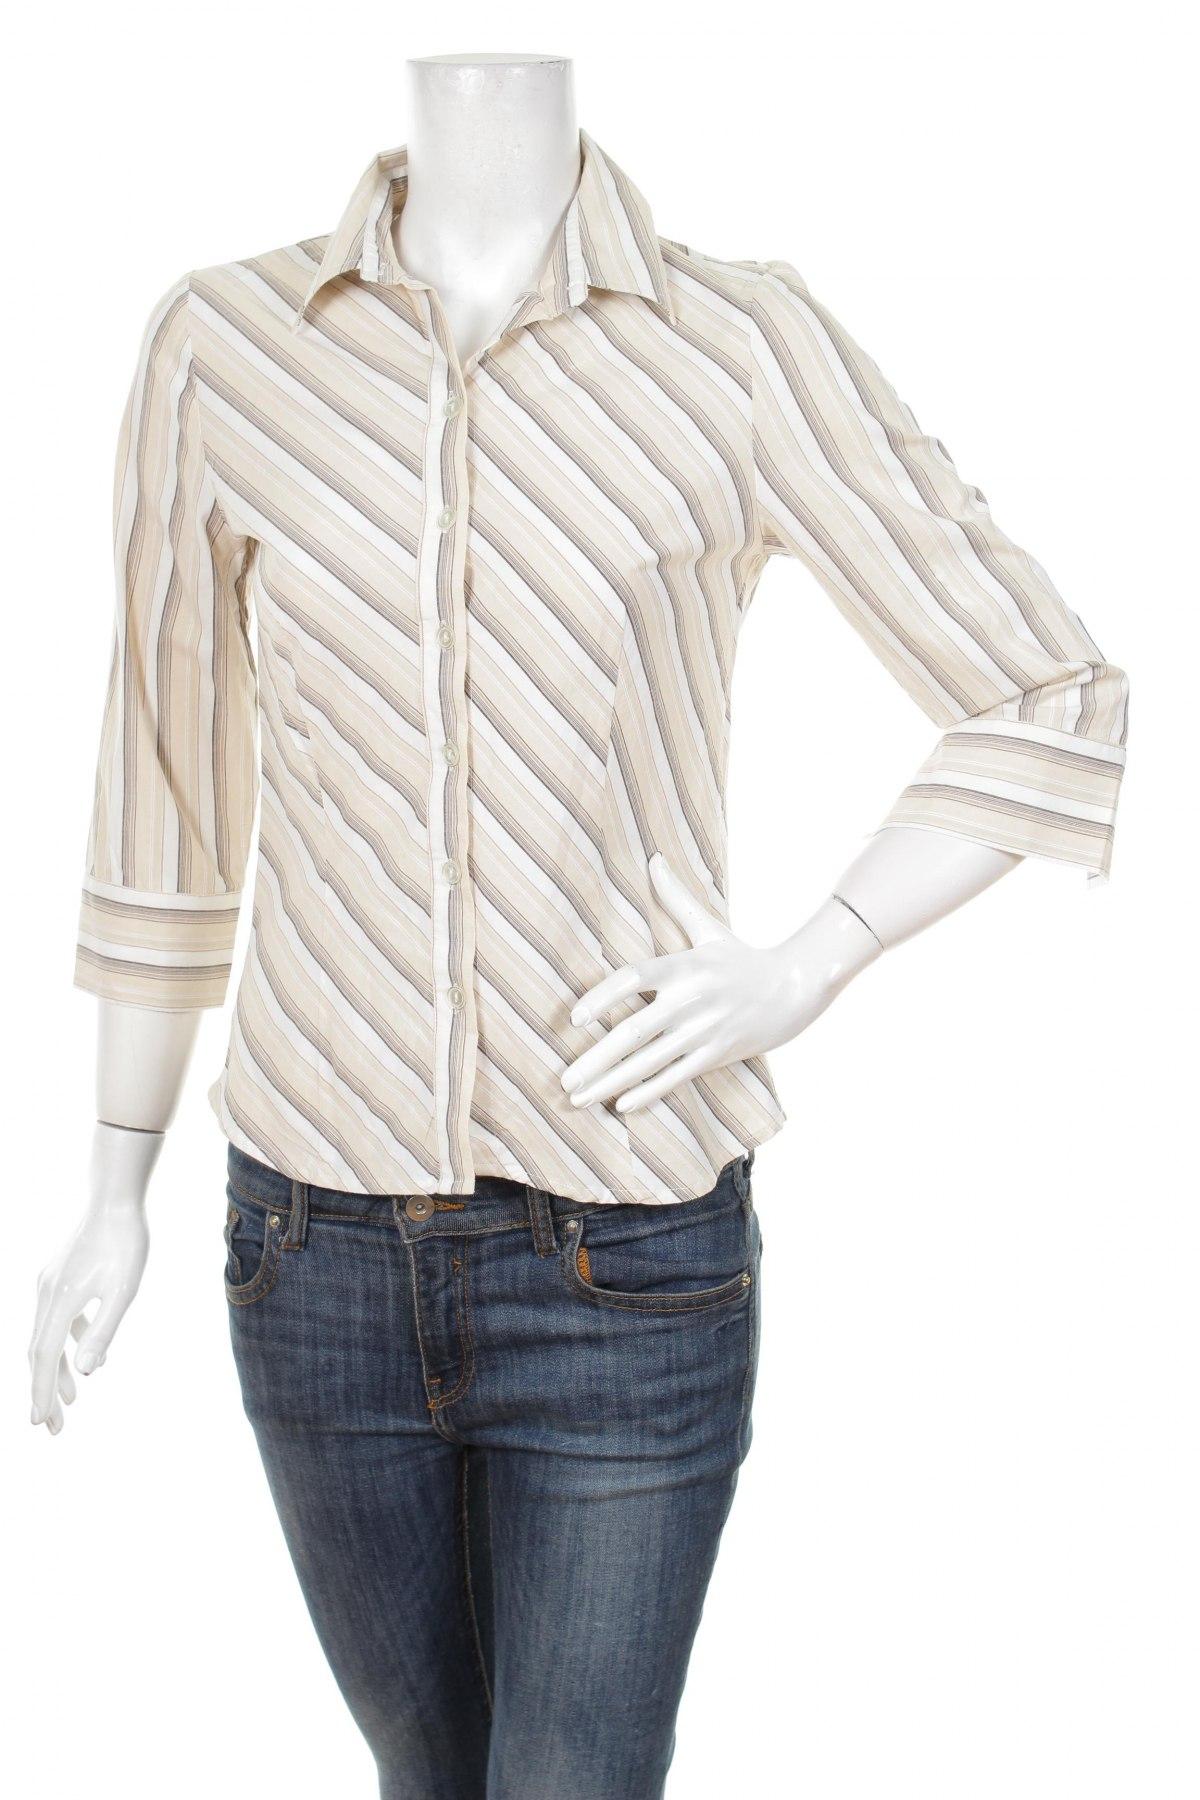 Γυναικείο πουκάμισο By Eriz California